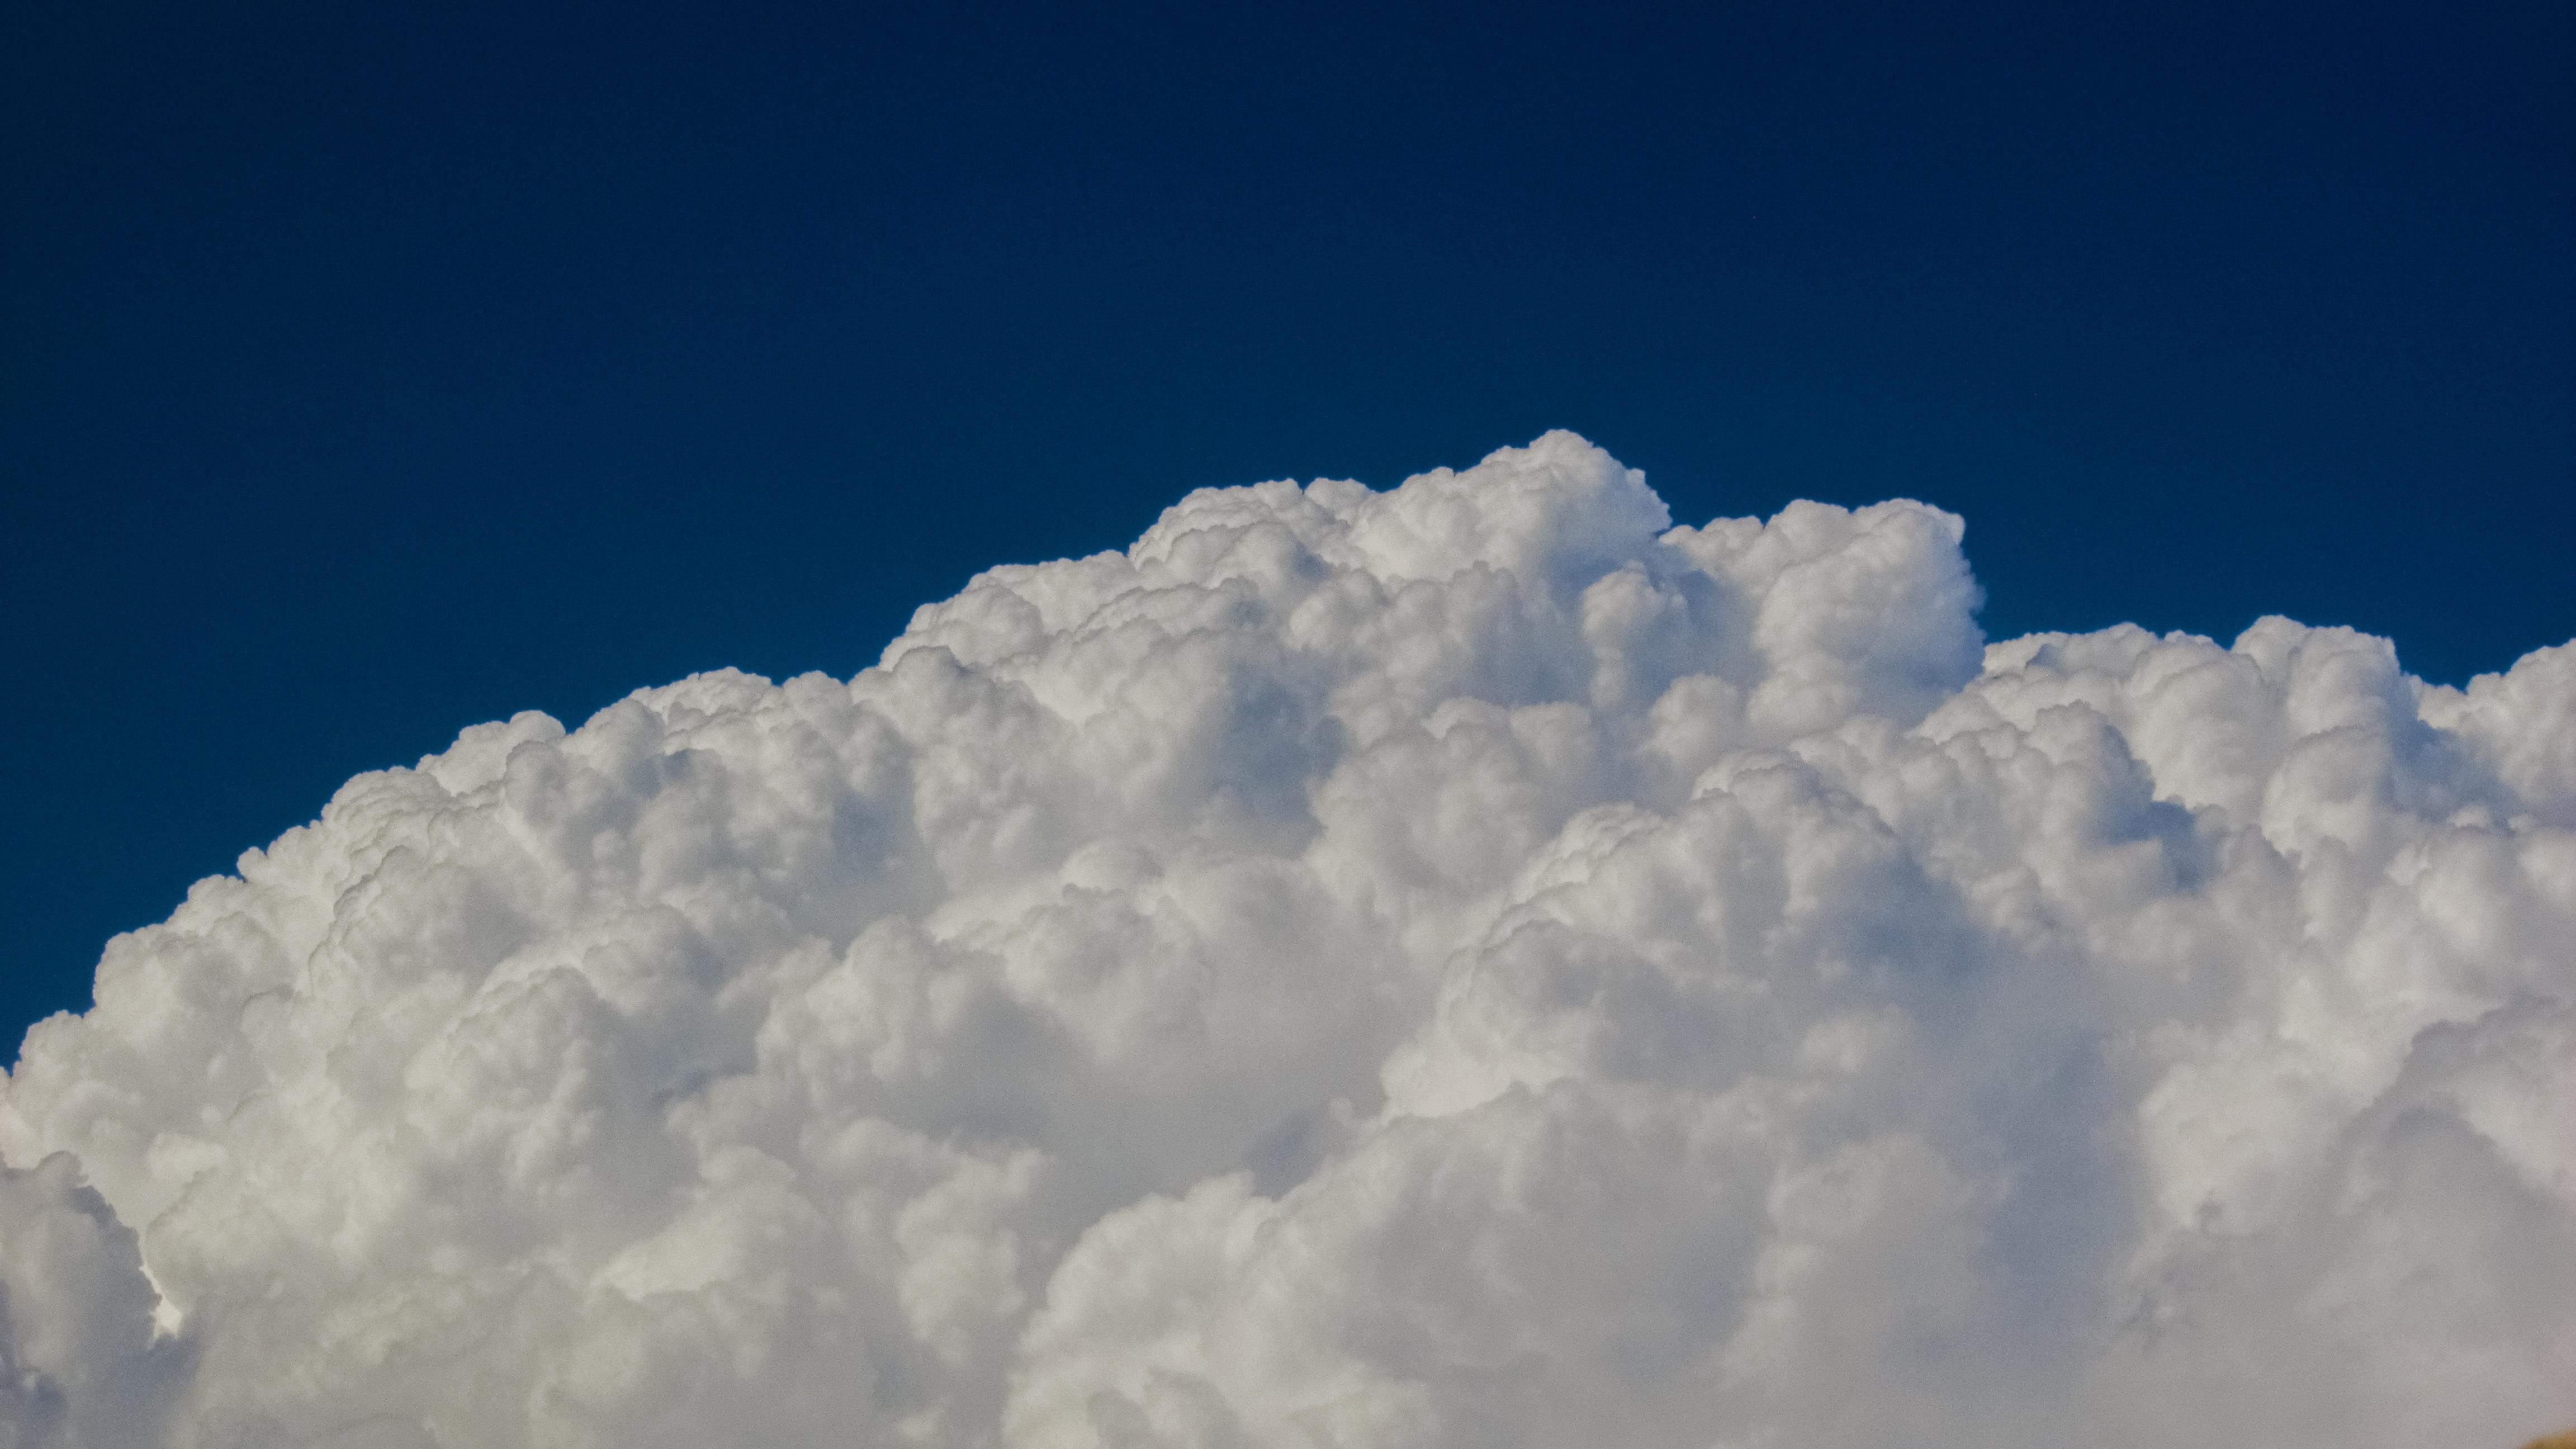 Картинки облаков смотреть онлайн